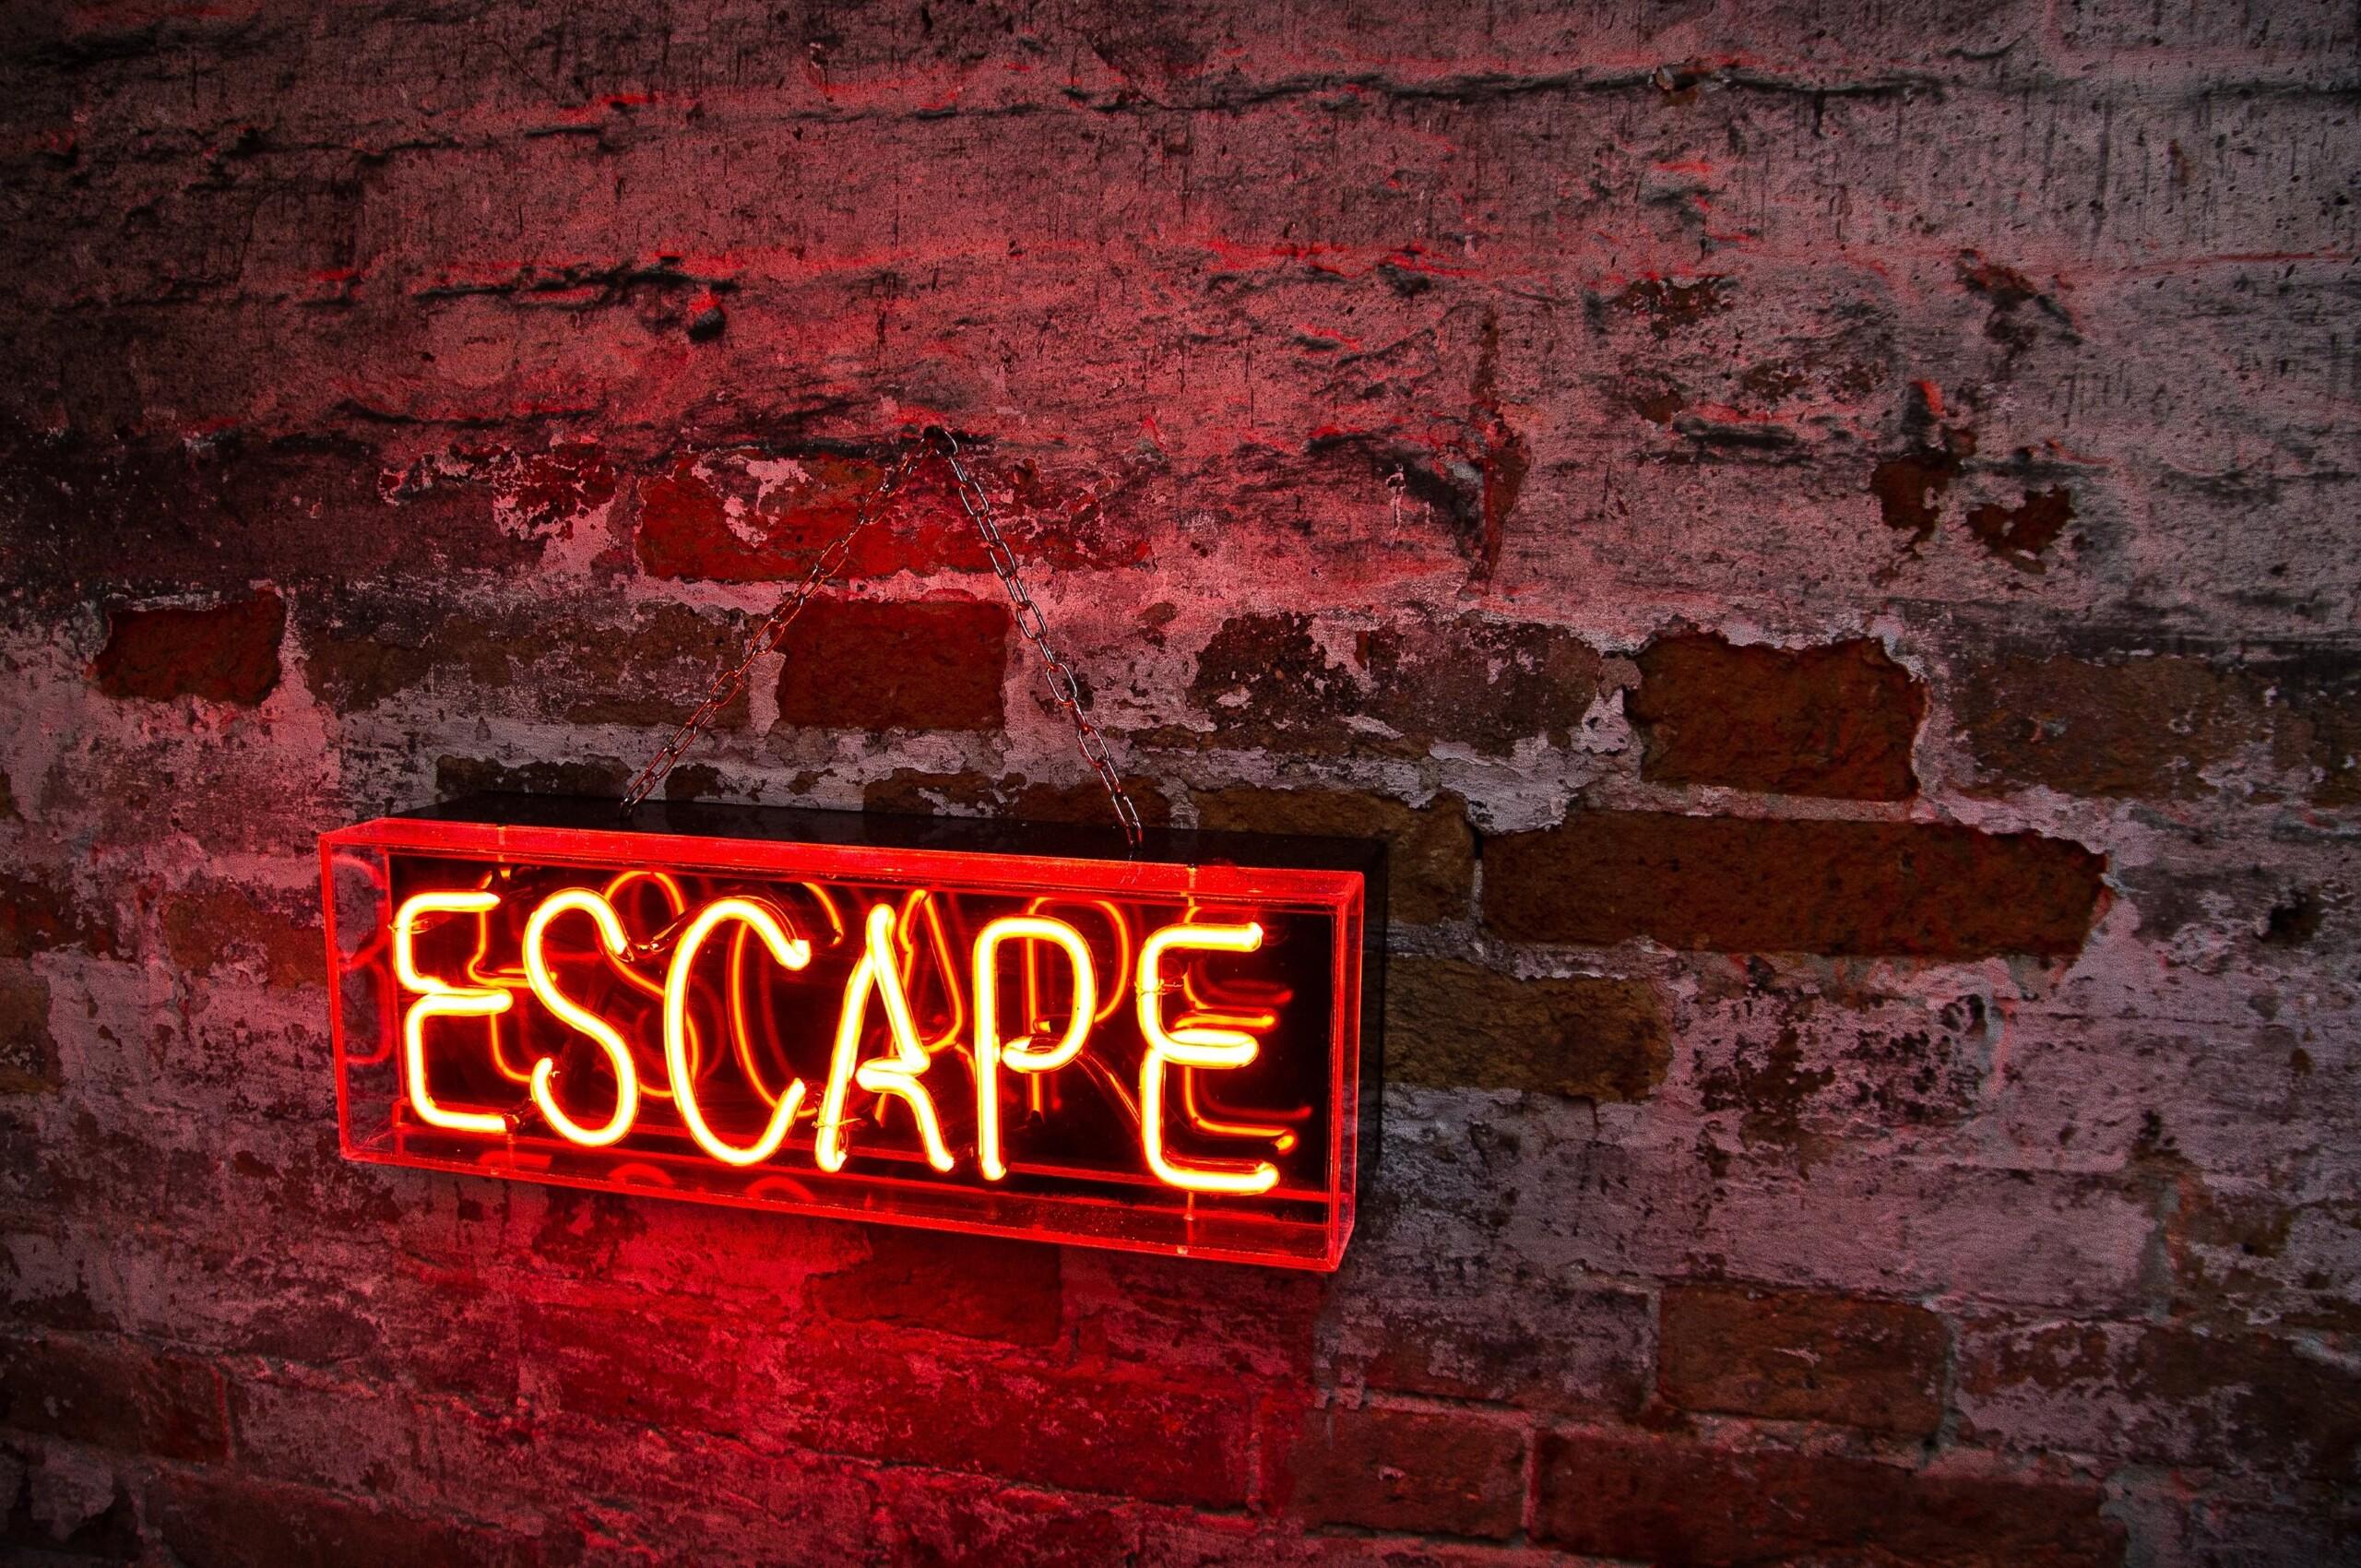 escape-hd.jpg